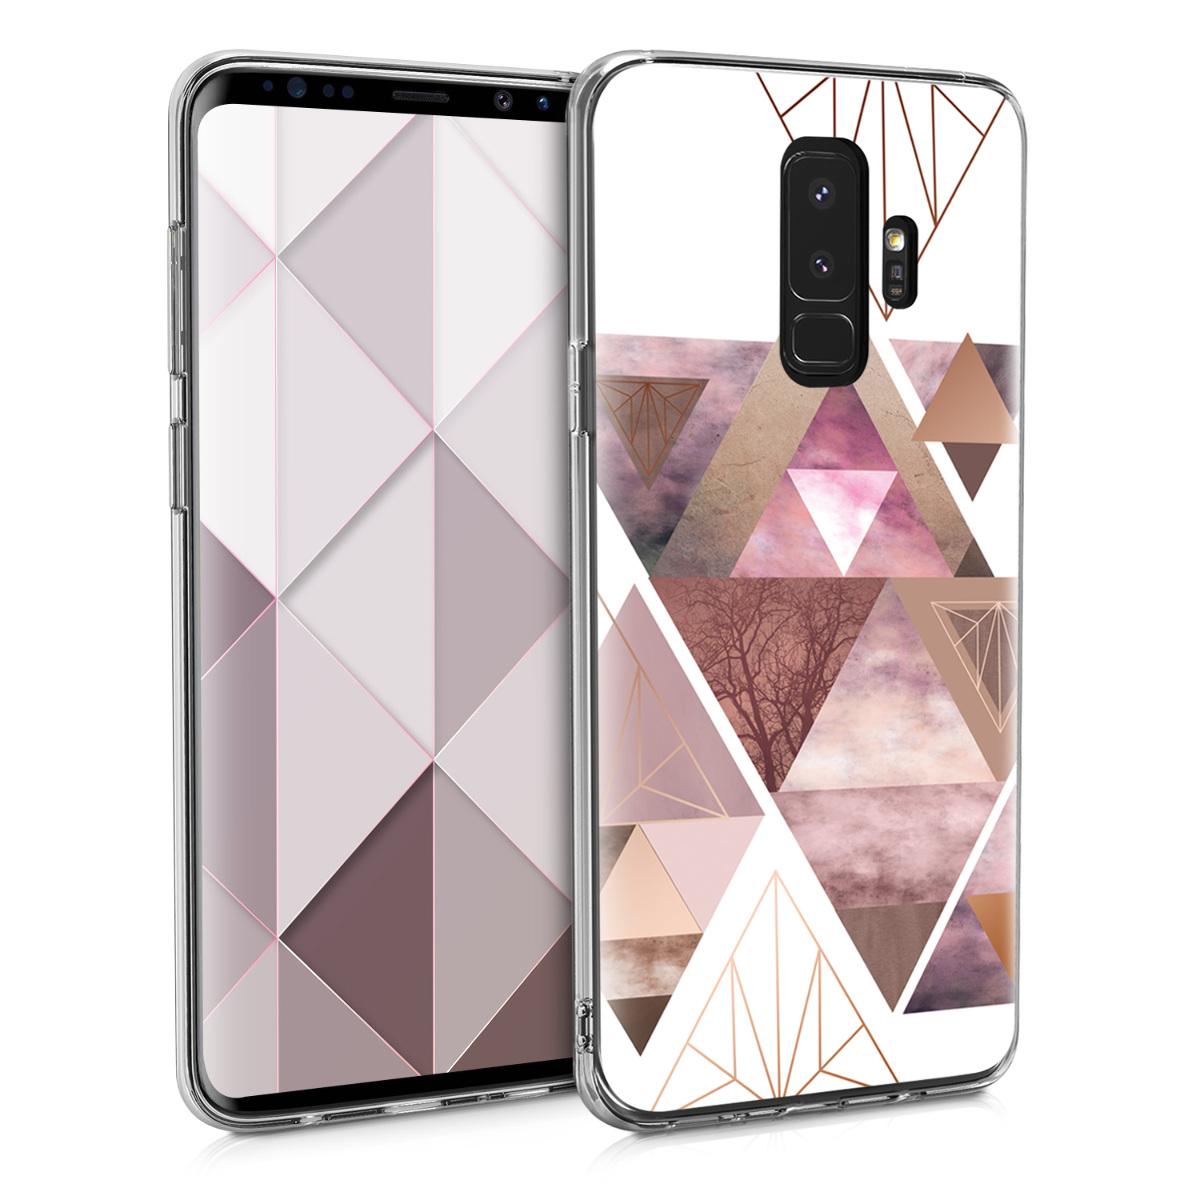 Kvalitní silikonové TPU pouzdro pro Samsung S9 Plus - Patchwork trojúhelníky světle růžové / starorůžové rosegold / bílé